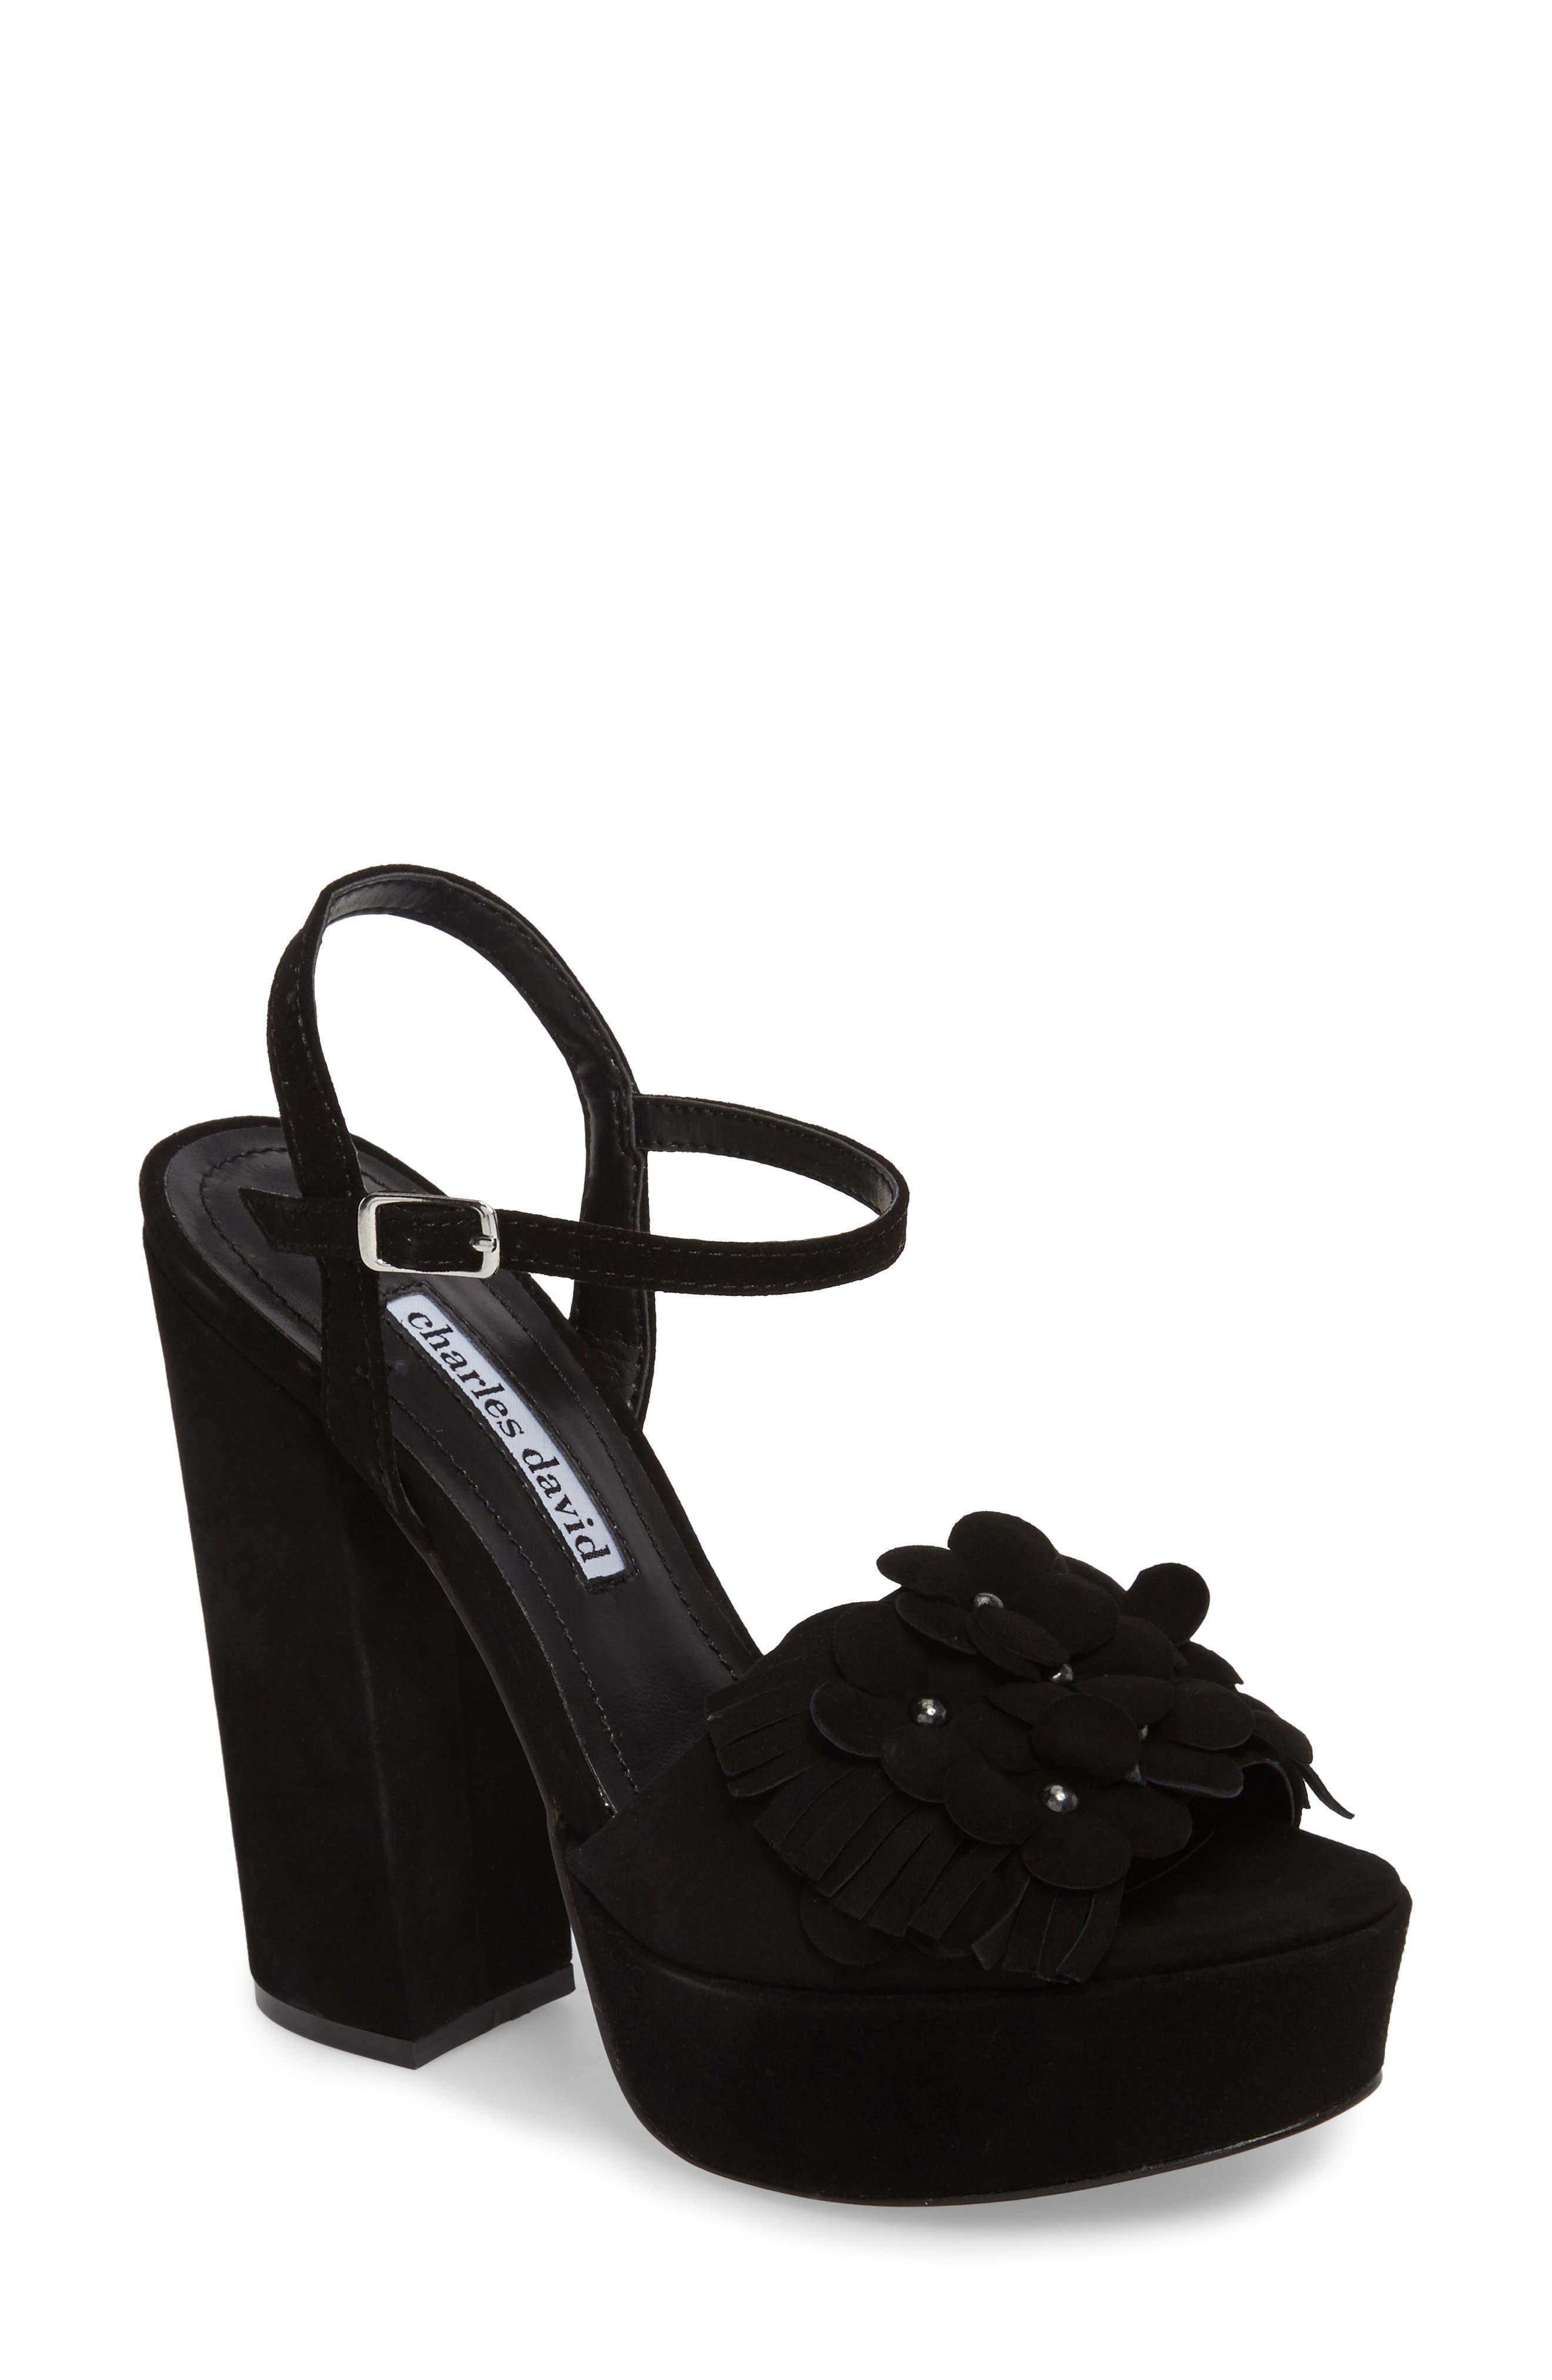 Royale Sandal,                         Main,                         color, BLACK SUEDE